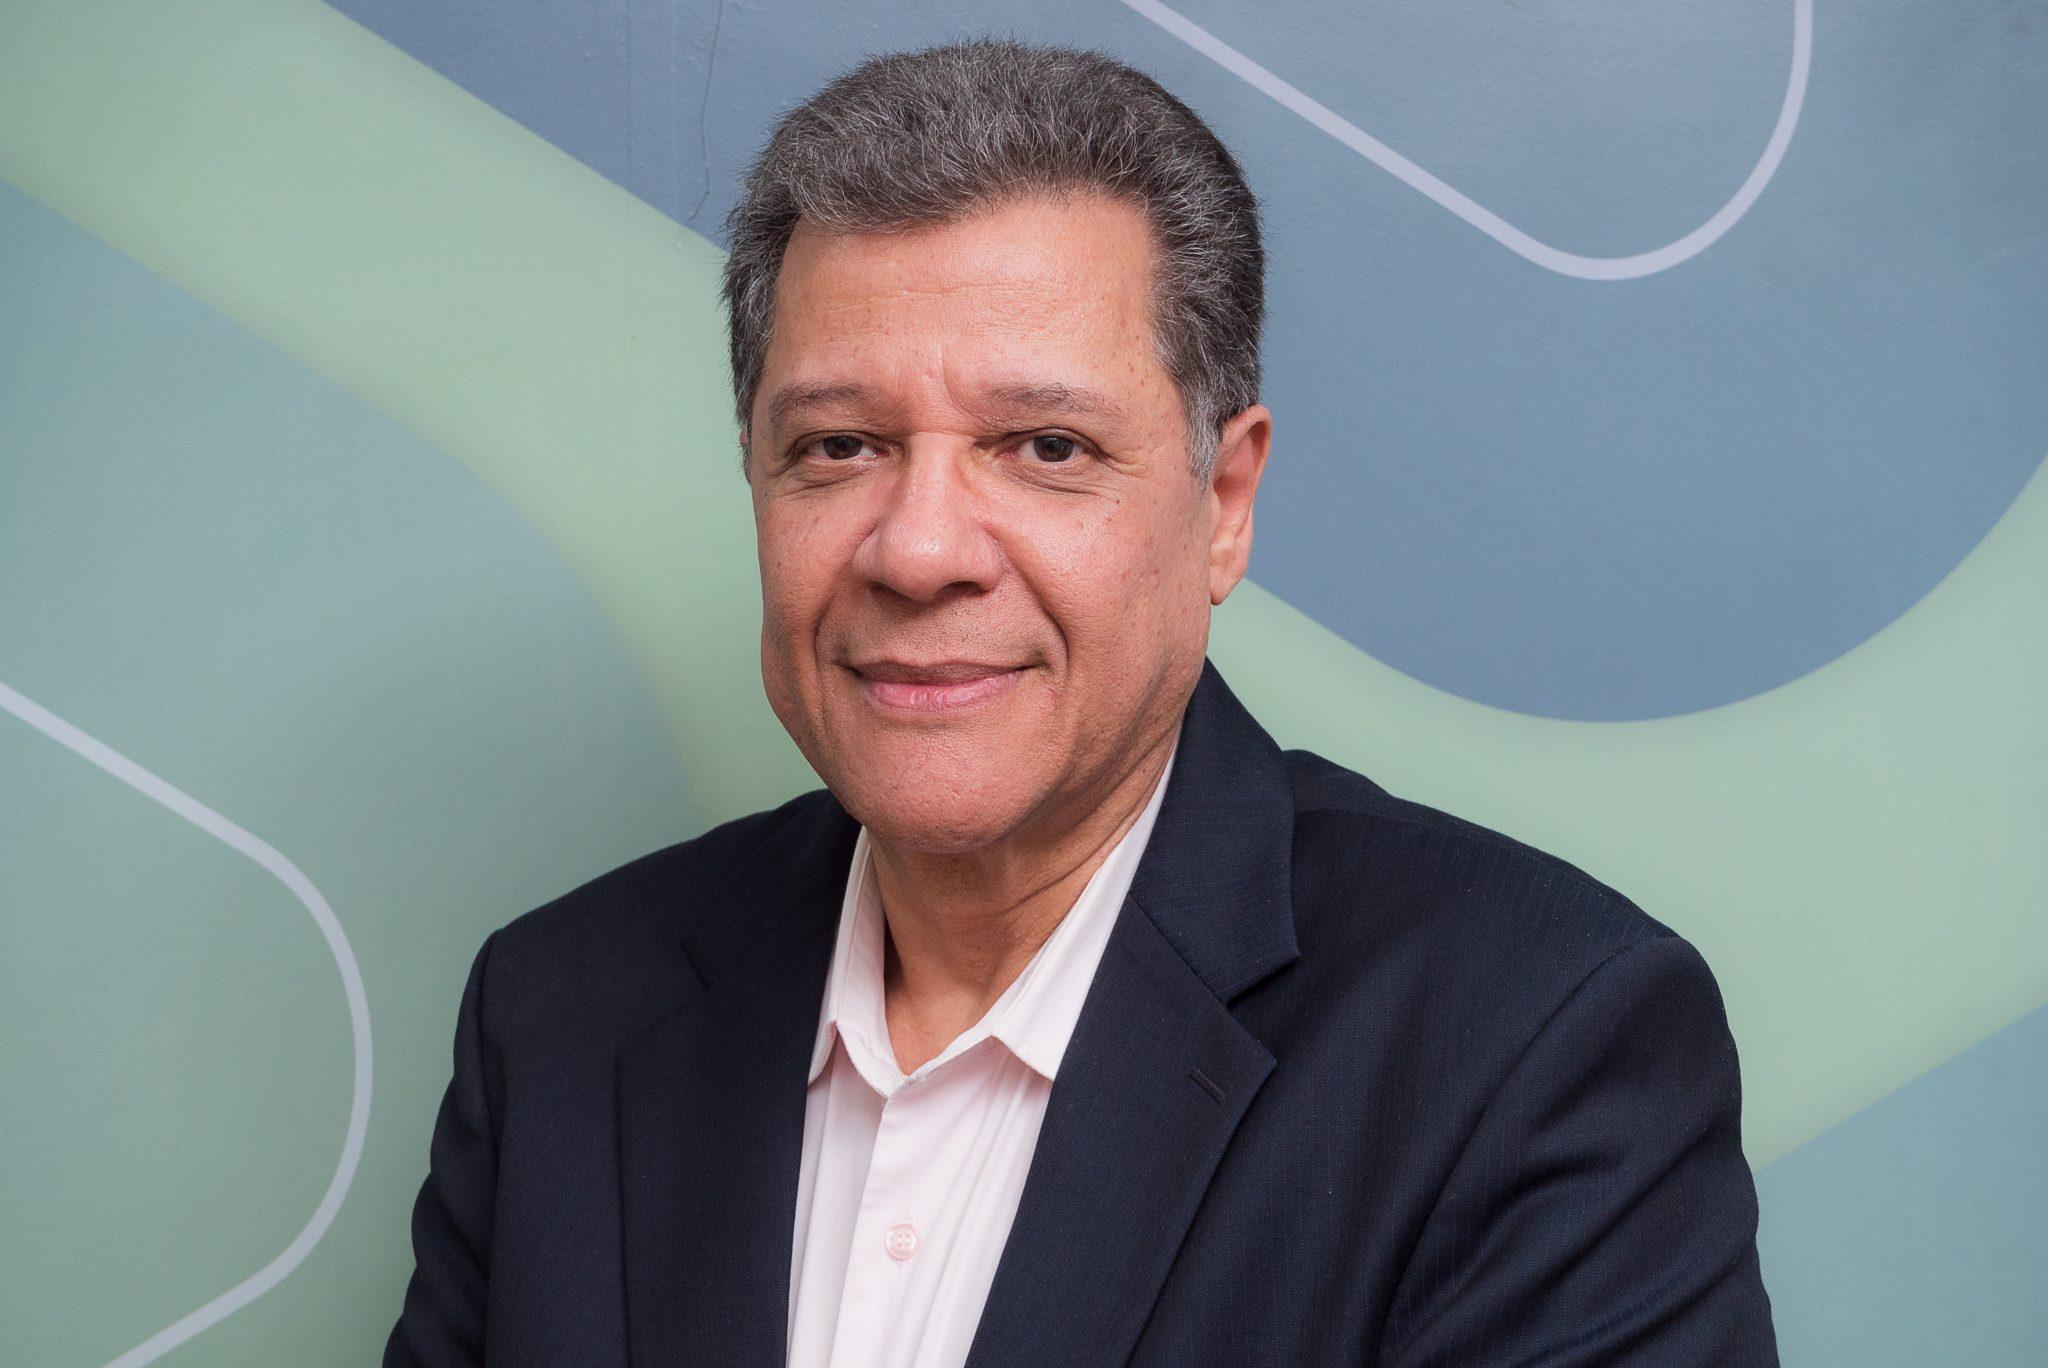 Presidente da Ascoferj faz balanço dos últimos três anos e fala das novas propostas